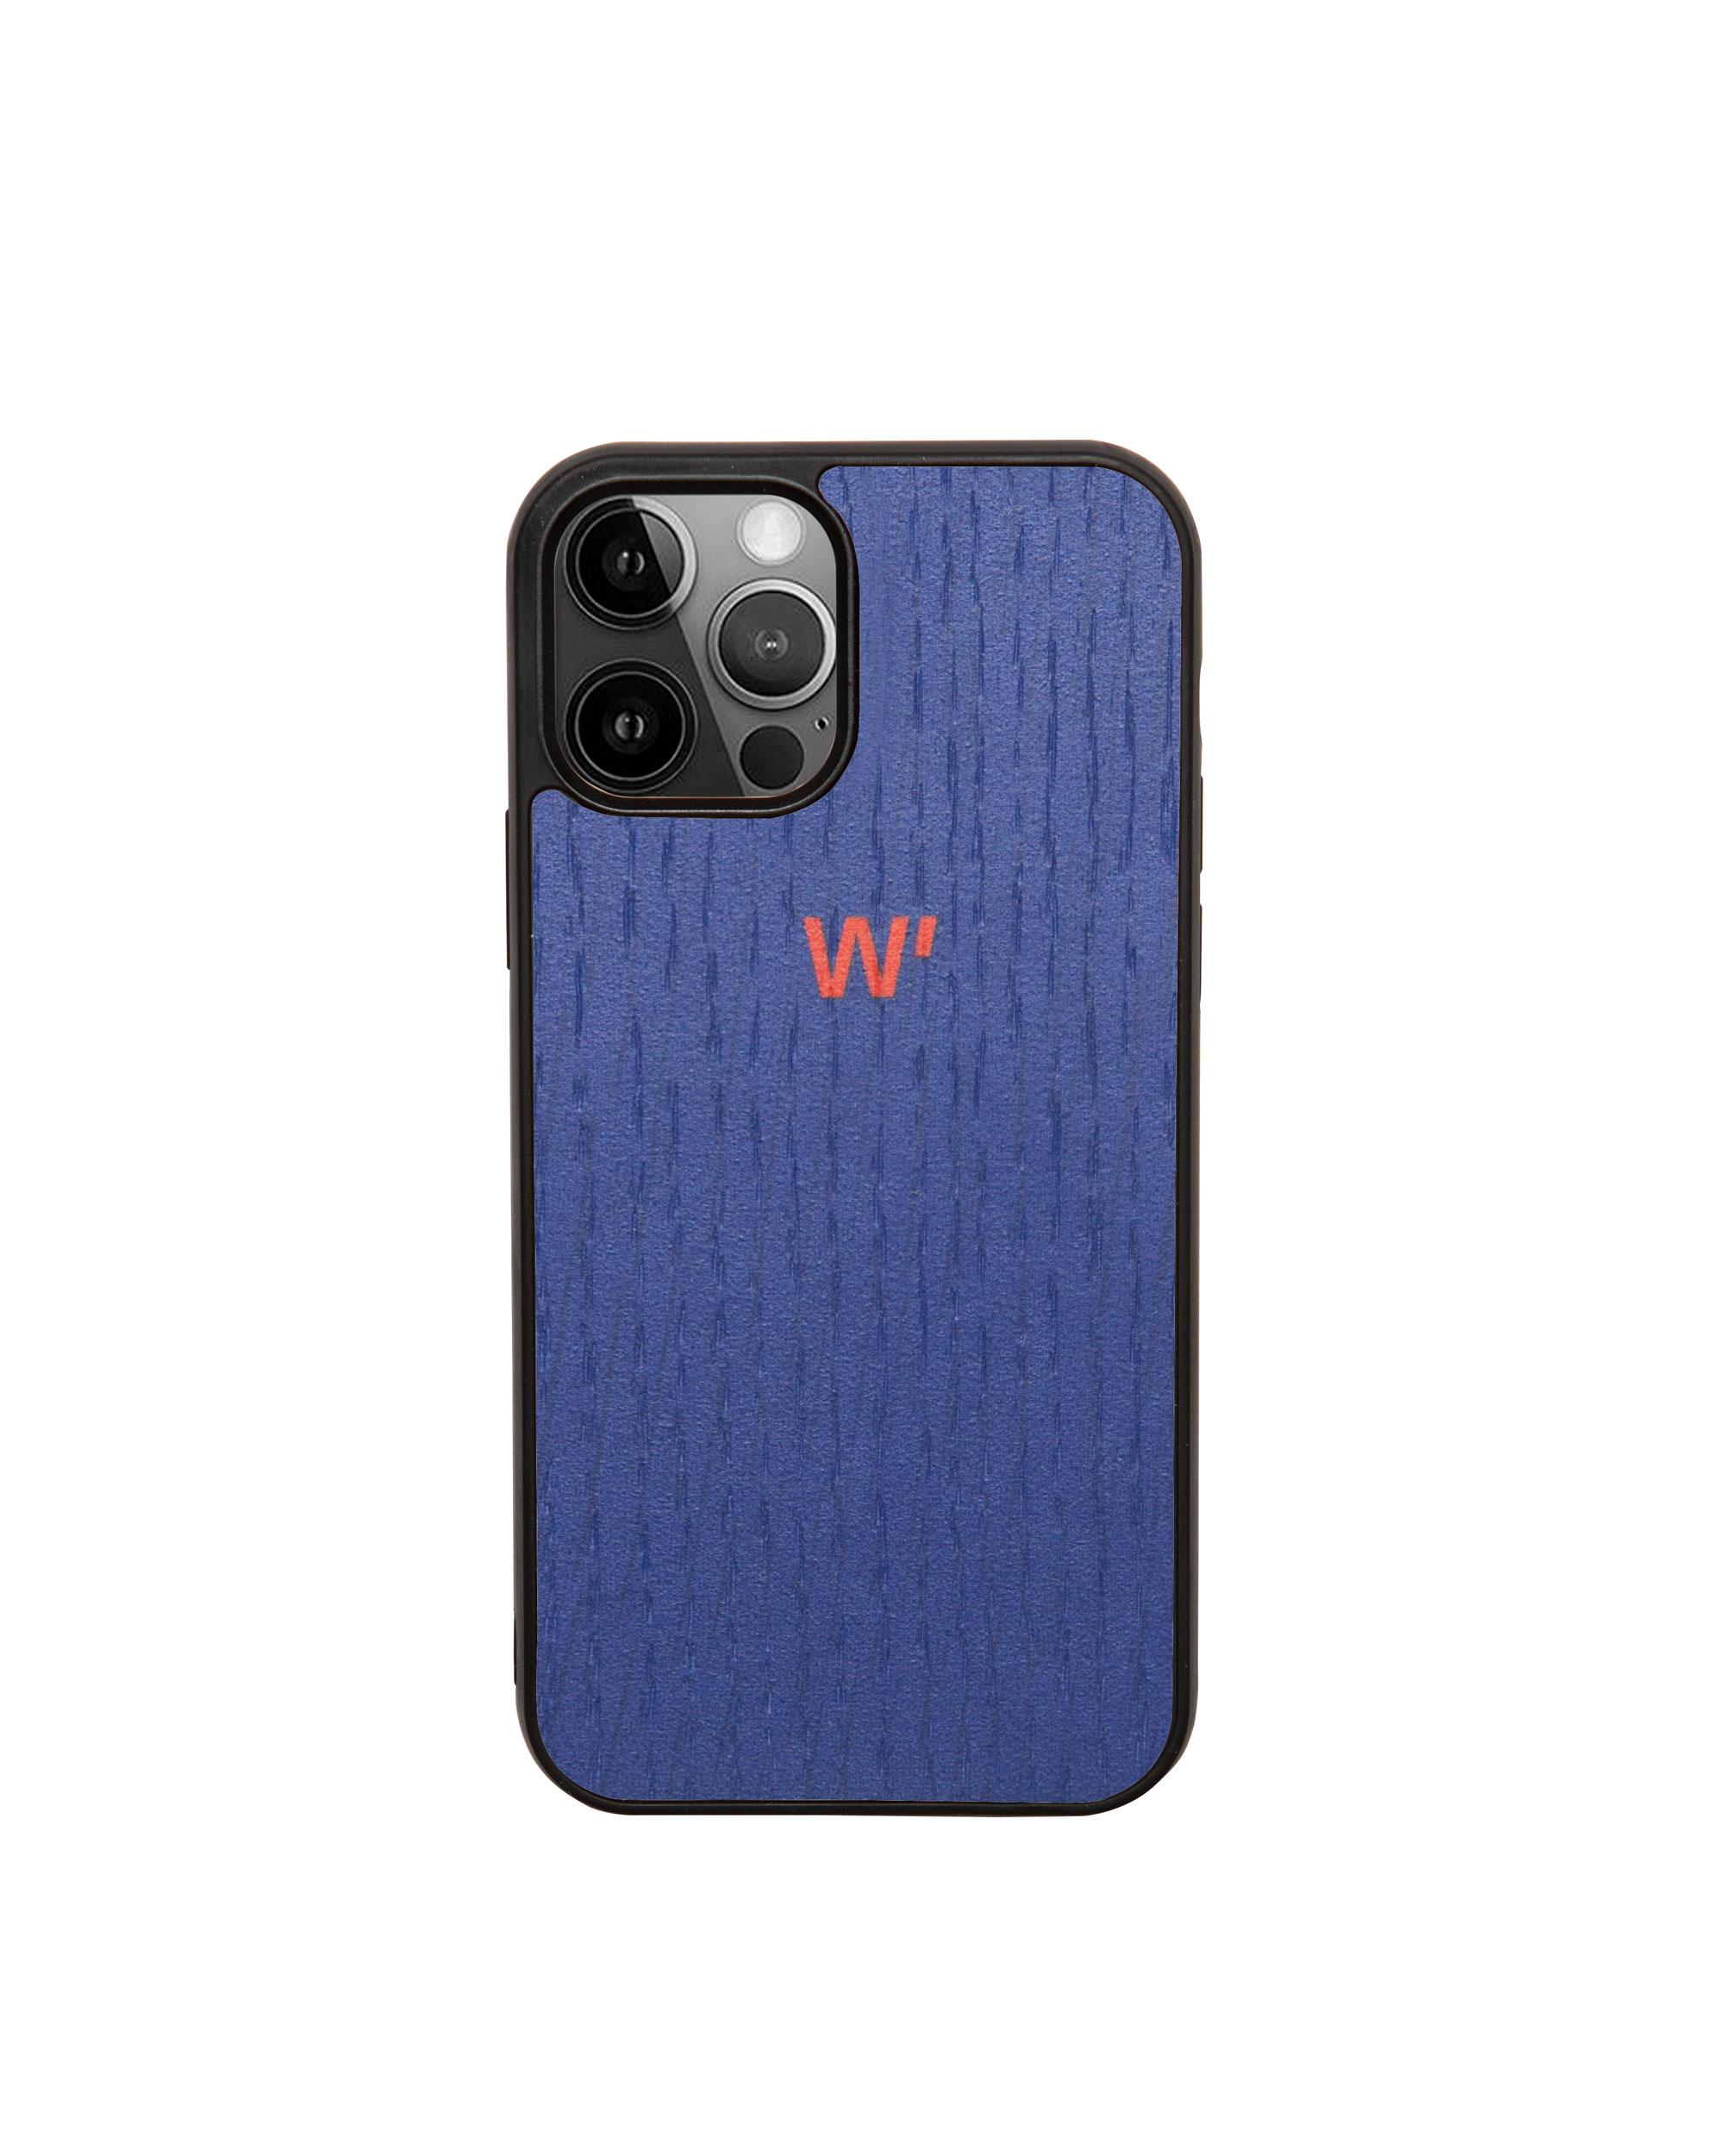 DEEP BLUE - Coque en bois pour iPhone 12 pro max (photo)